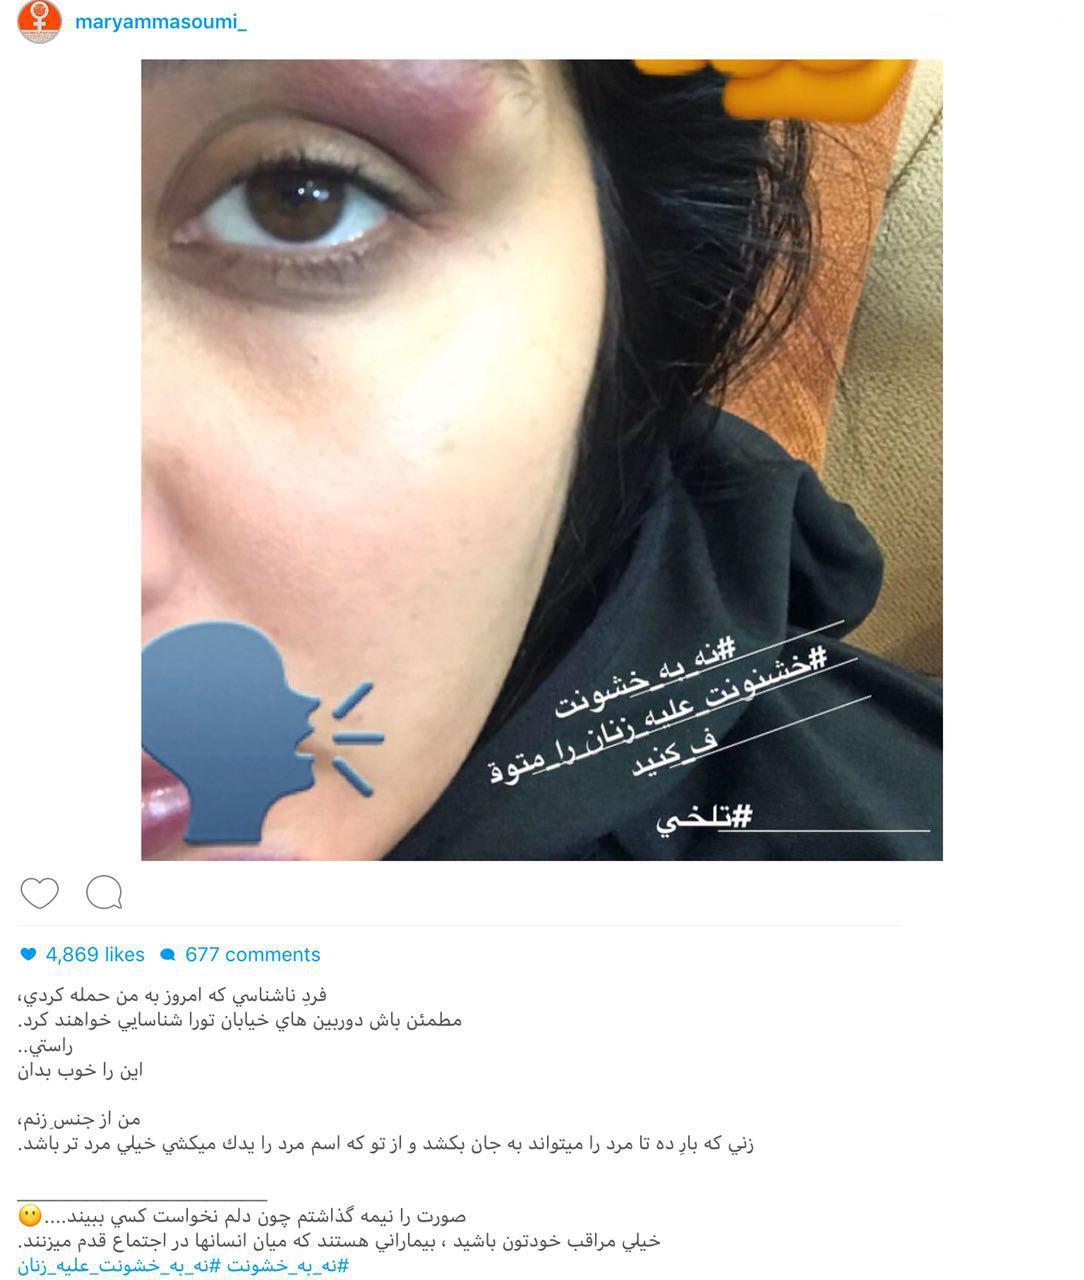 حمله فیزیکی به بازیگر زن ایرانی در خیابان +عکس